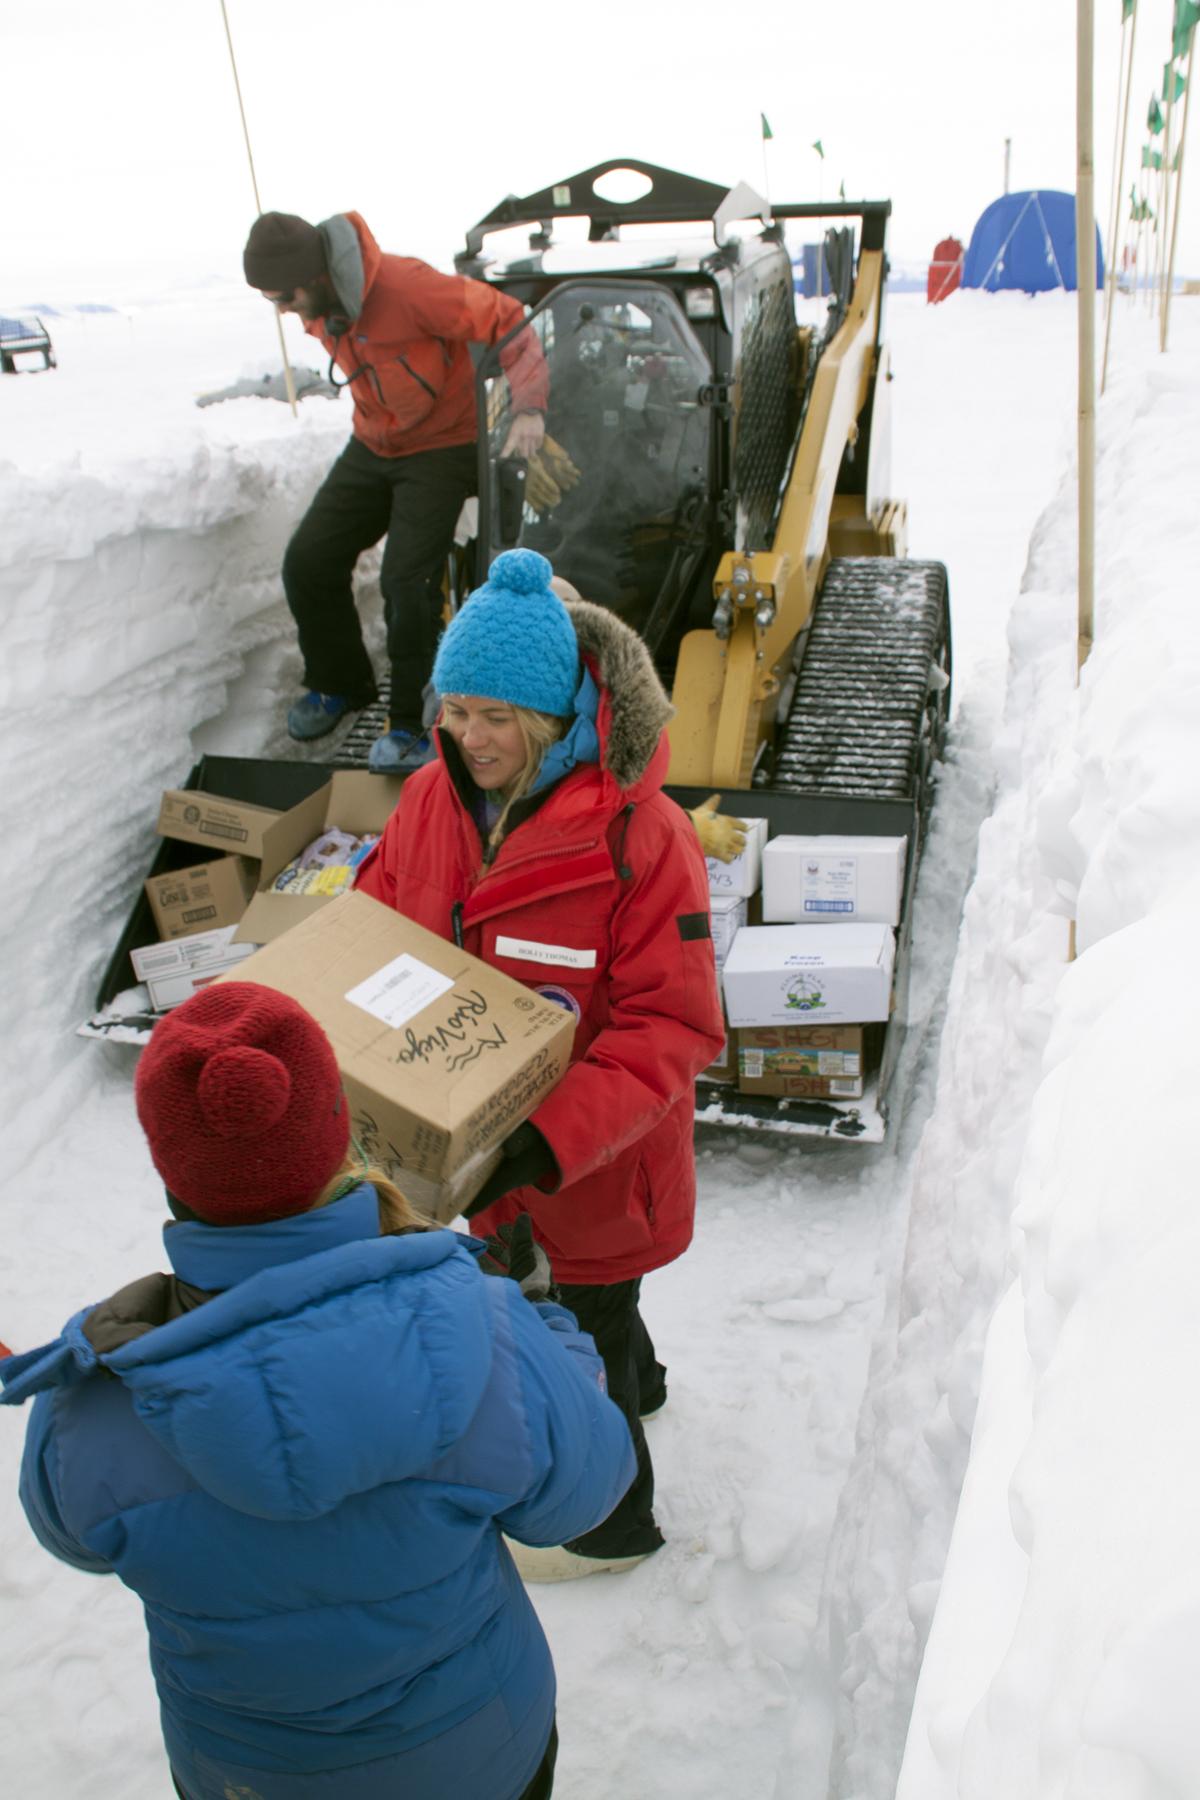 loading Shackleton's freezer